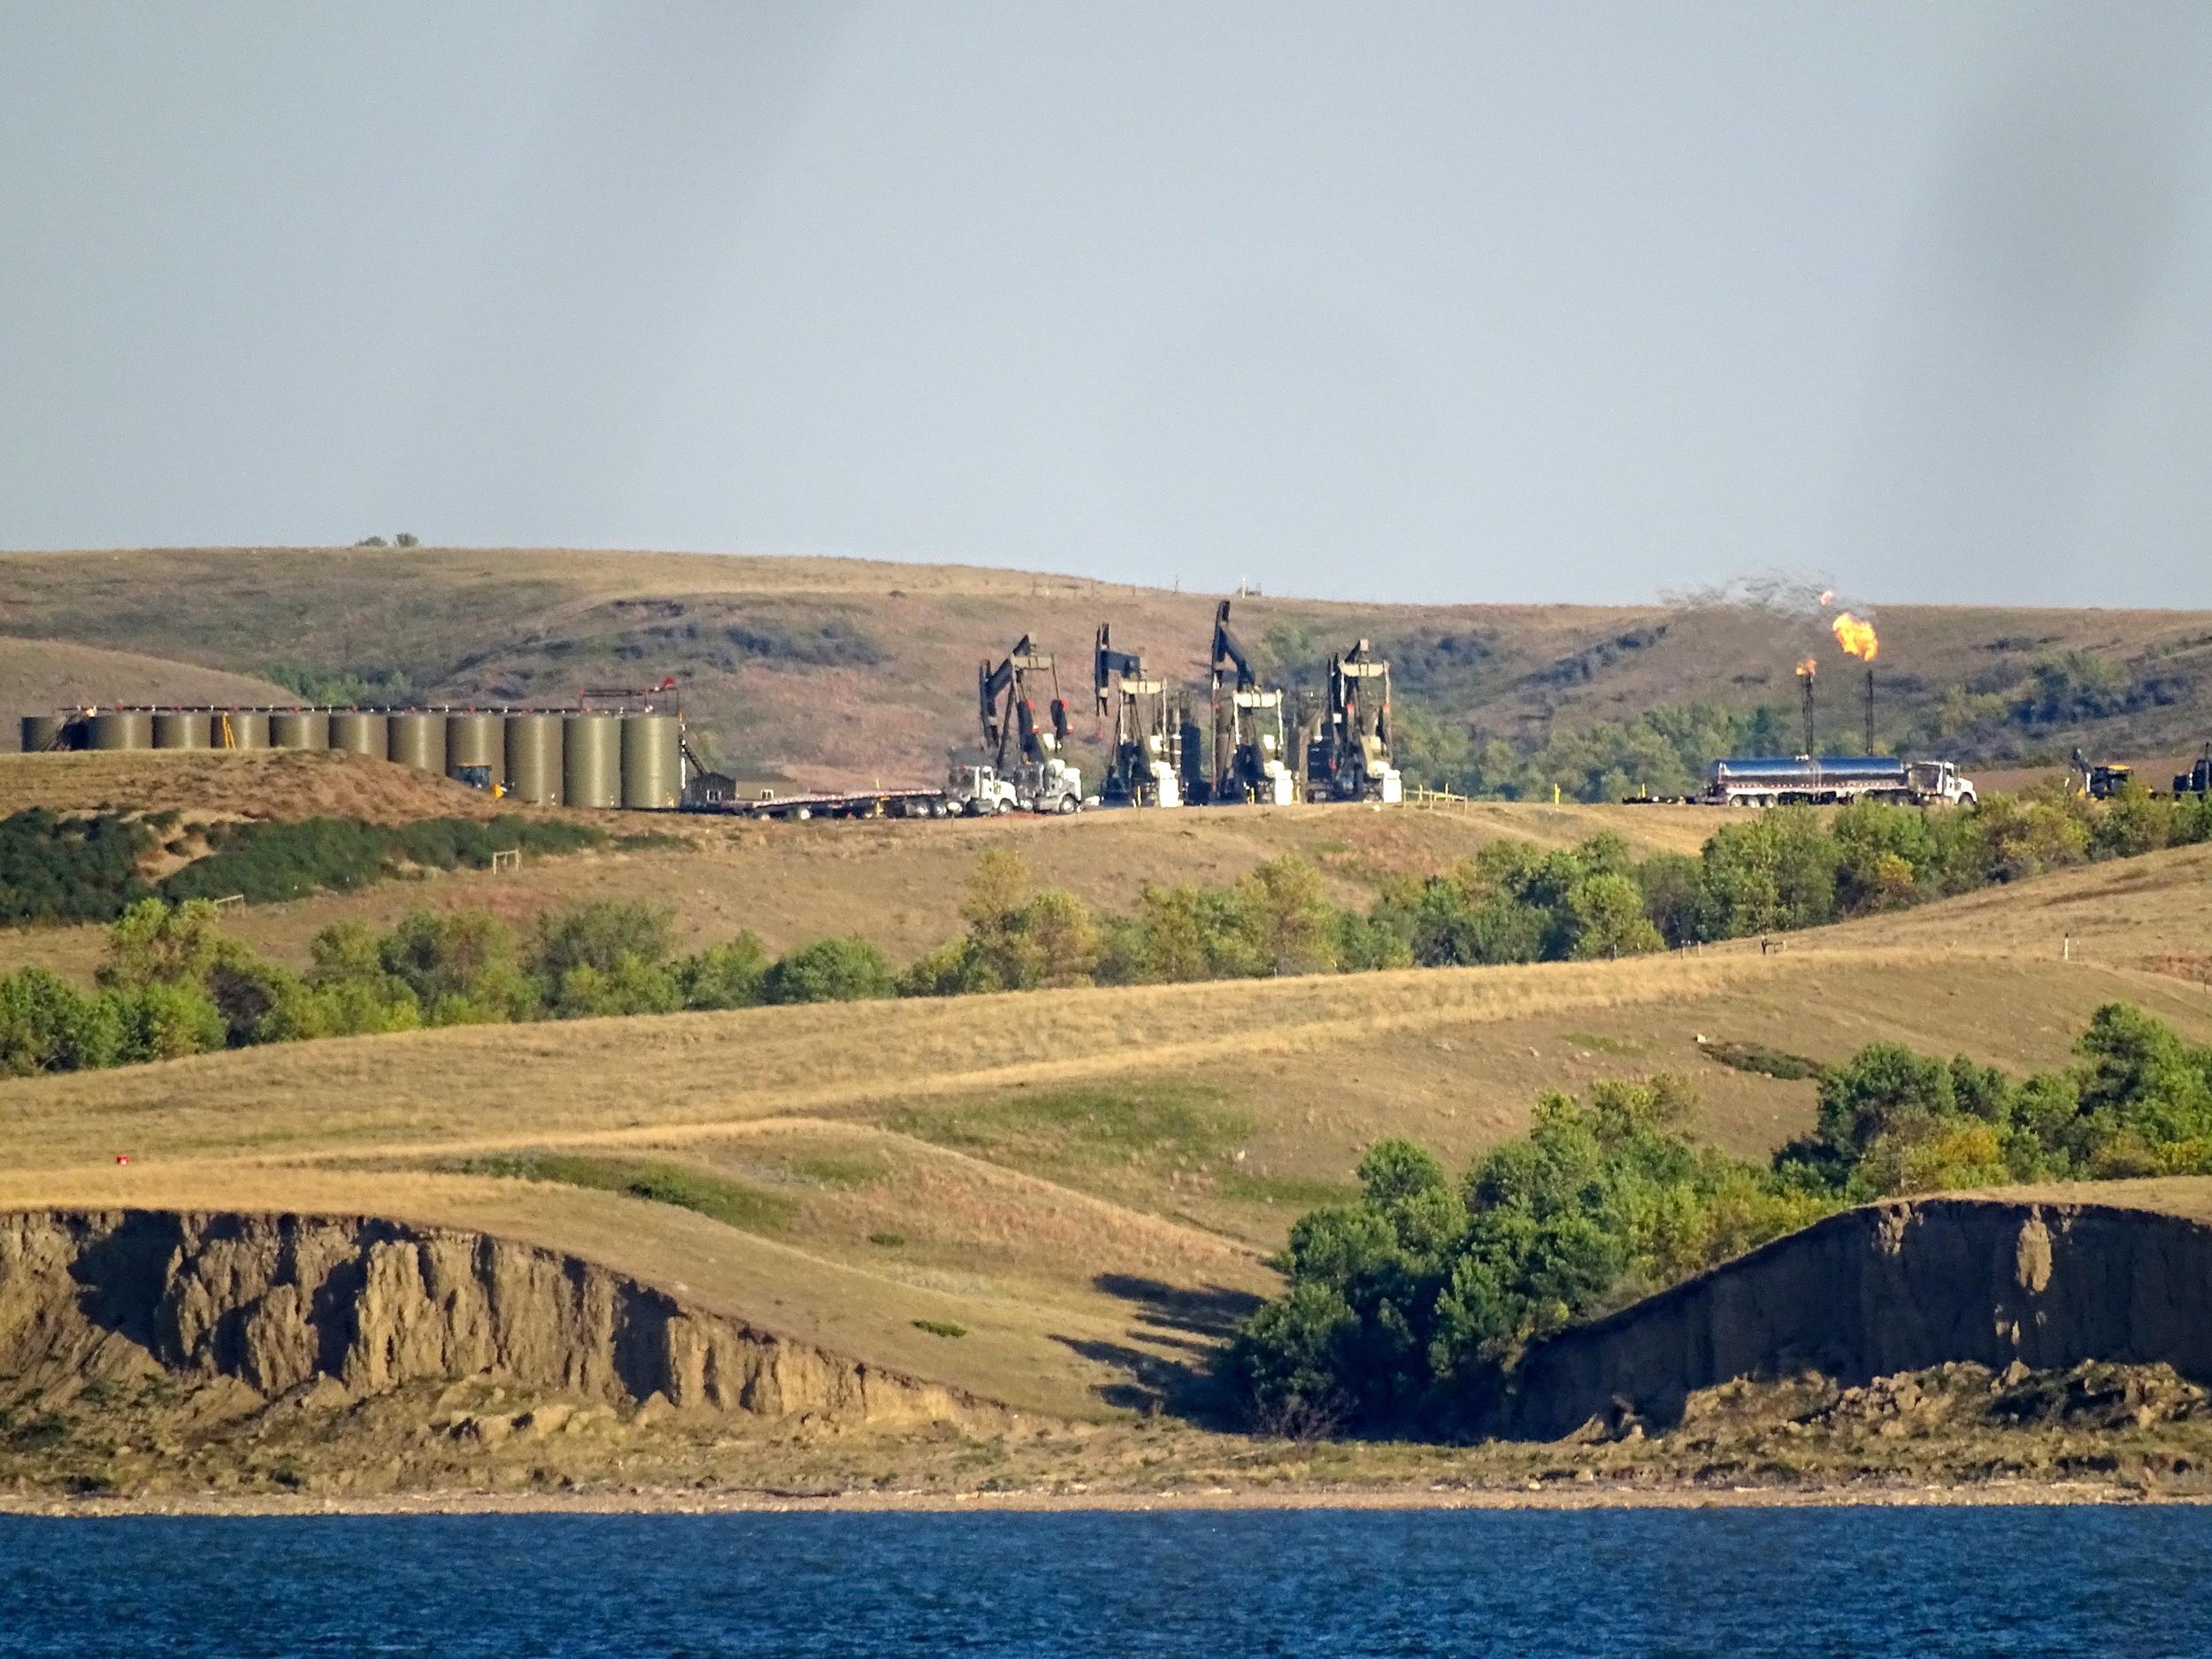 Industry in North Dakota